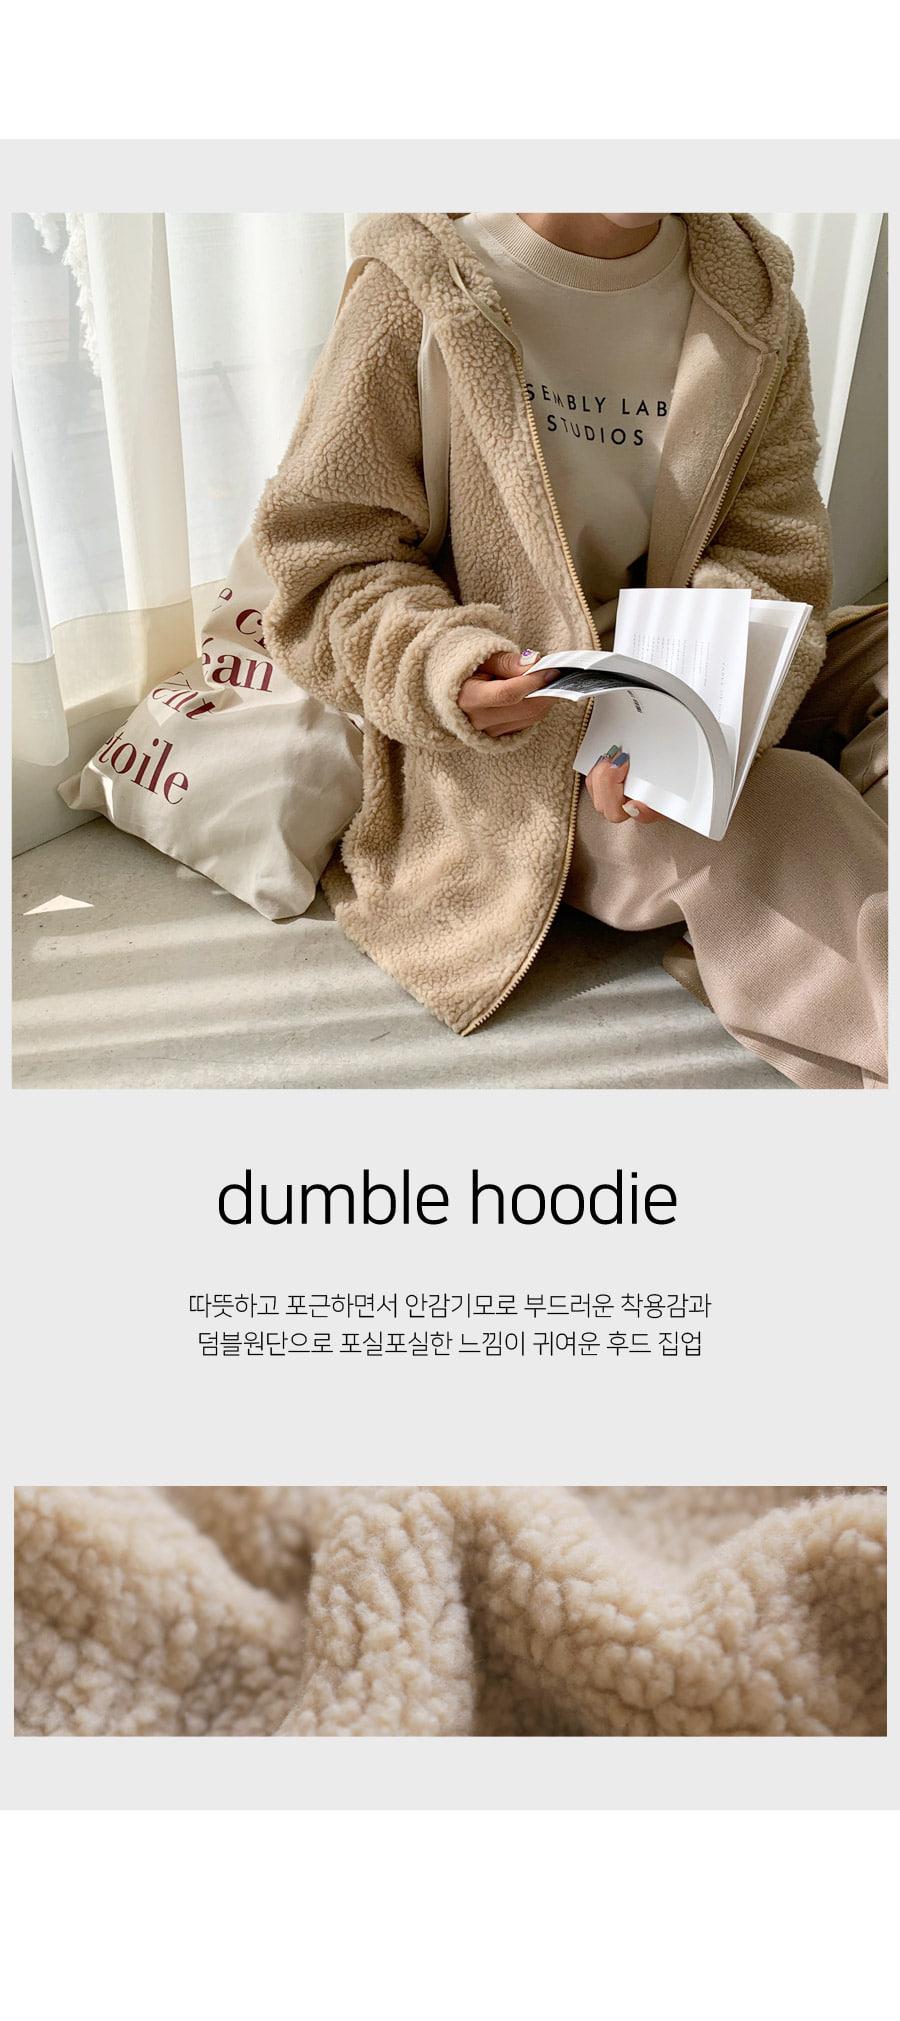 Mumu Overfit Dumble Hood Zip-up